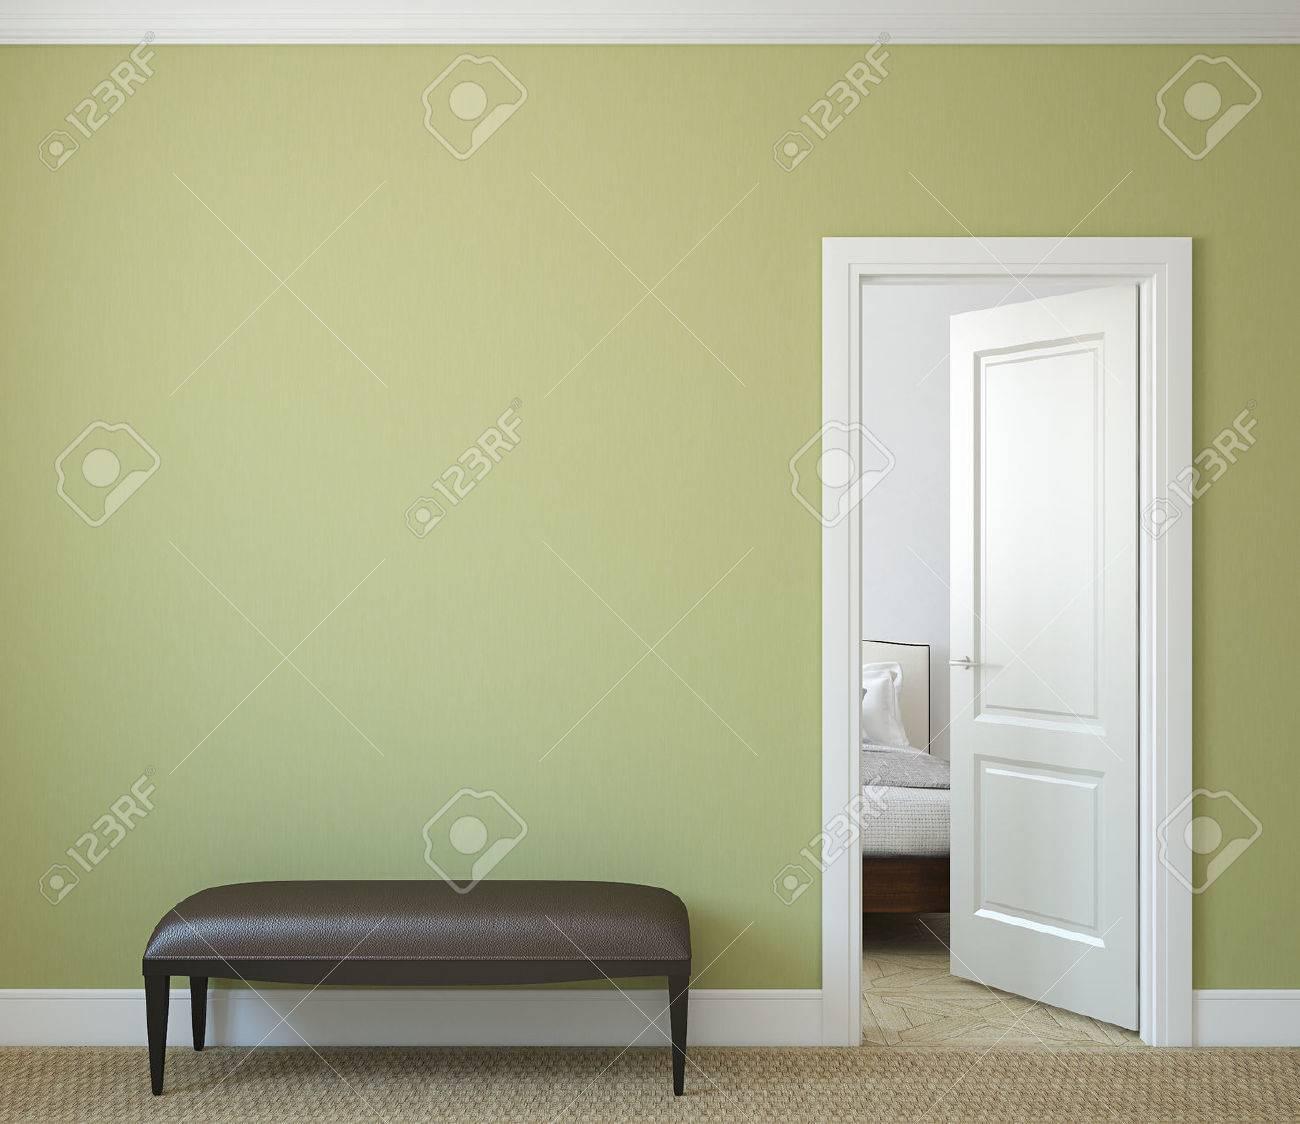 Modern hallway with open door. 3d render. - 43628175